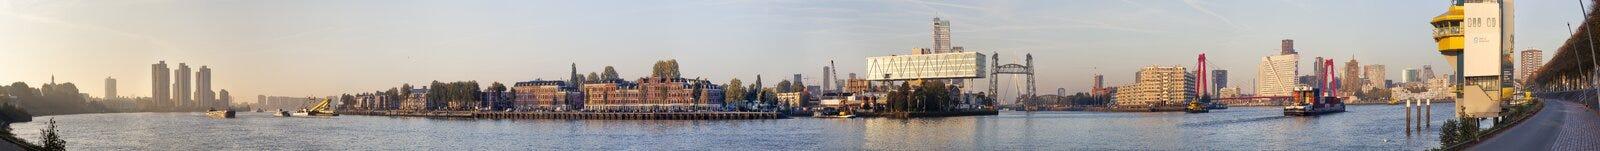 панорама rotterdam стоковые изображения